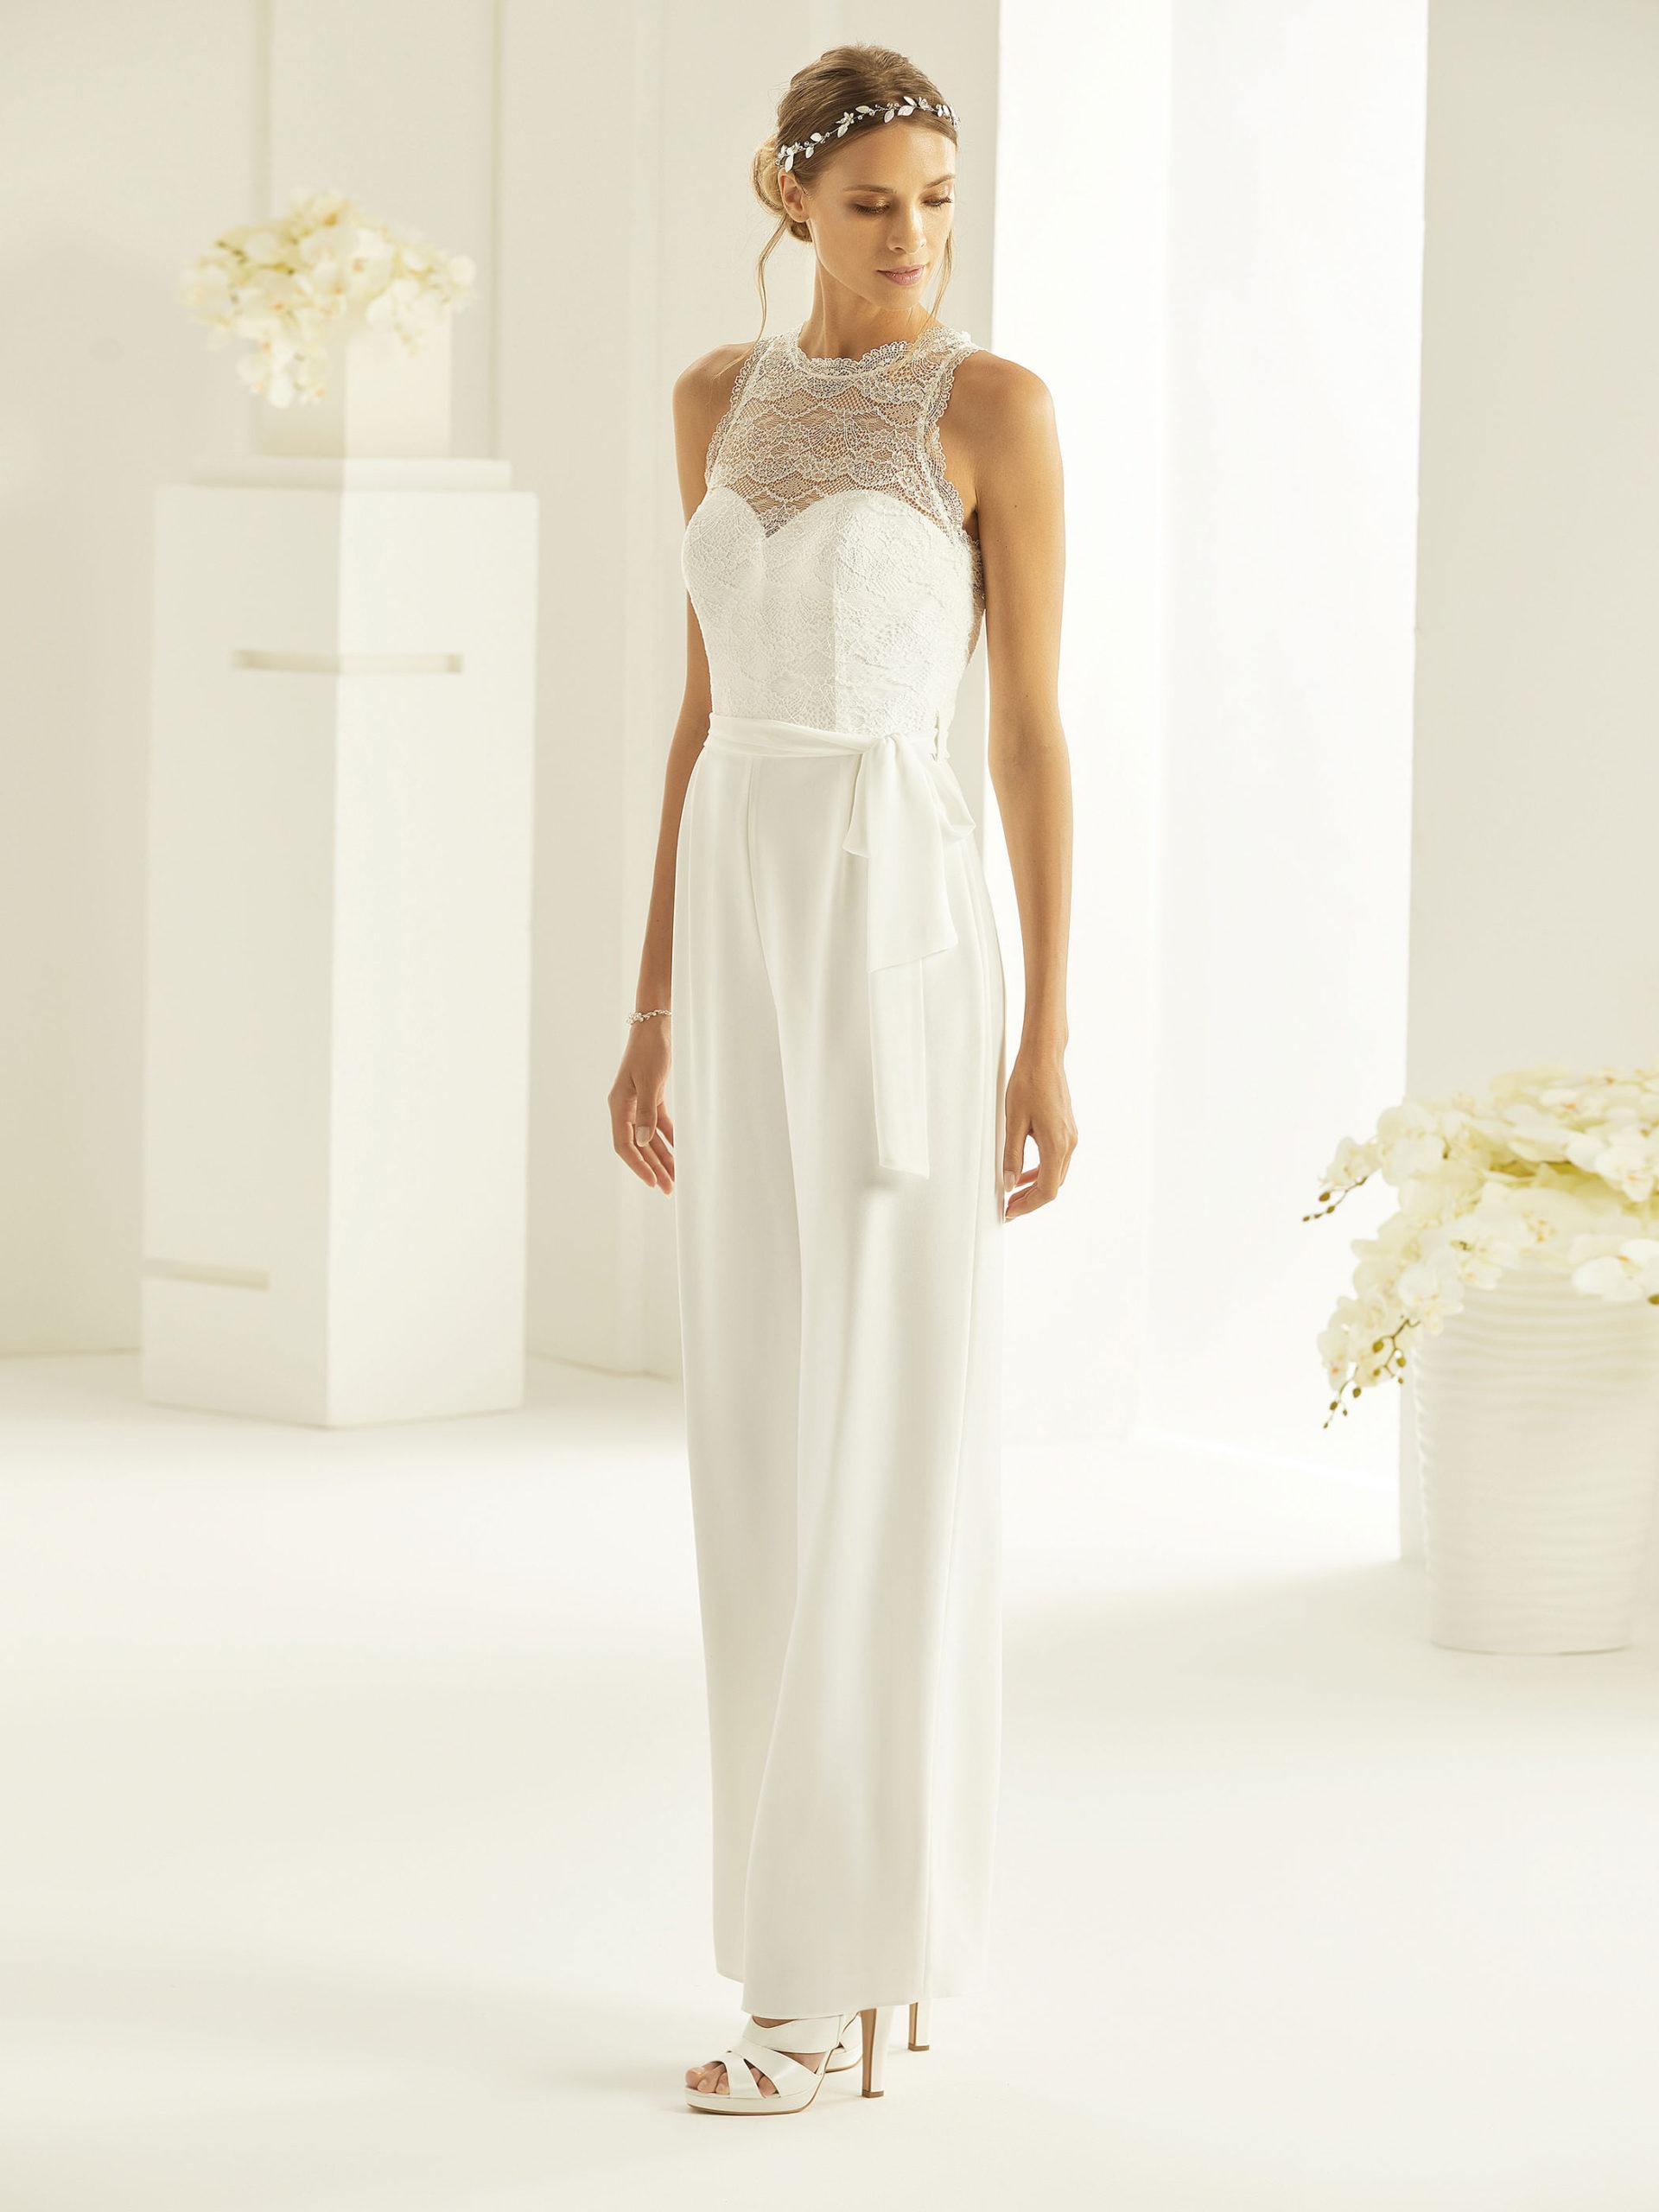 bianco-evento-bridal-jumpsuit-samanta-_1__6-scaled